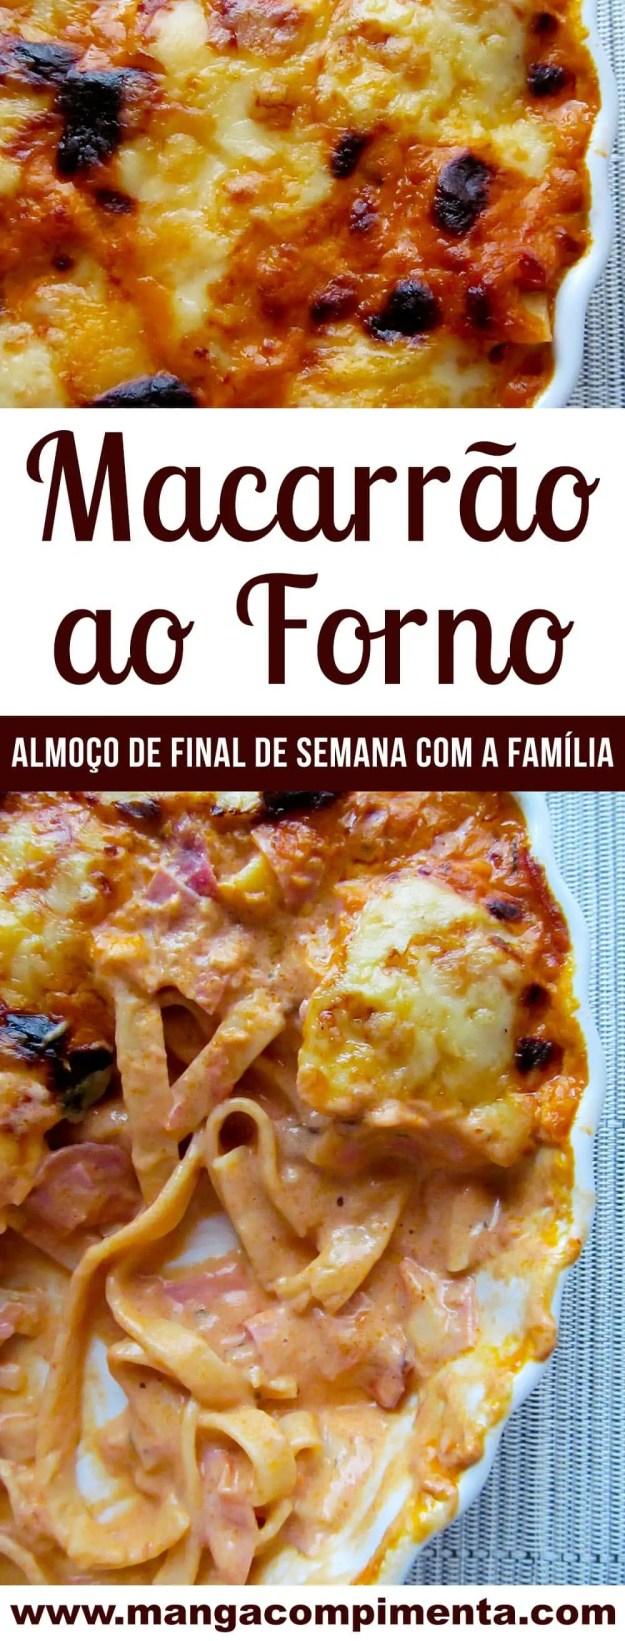 Macarrão ao Forno - Perfeito para o almoço de domingo com a família!